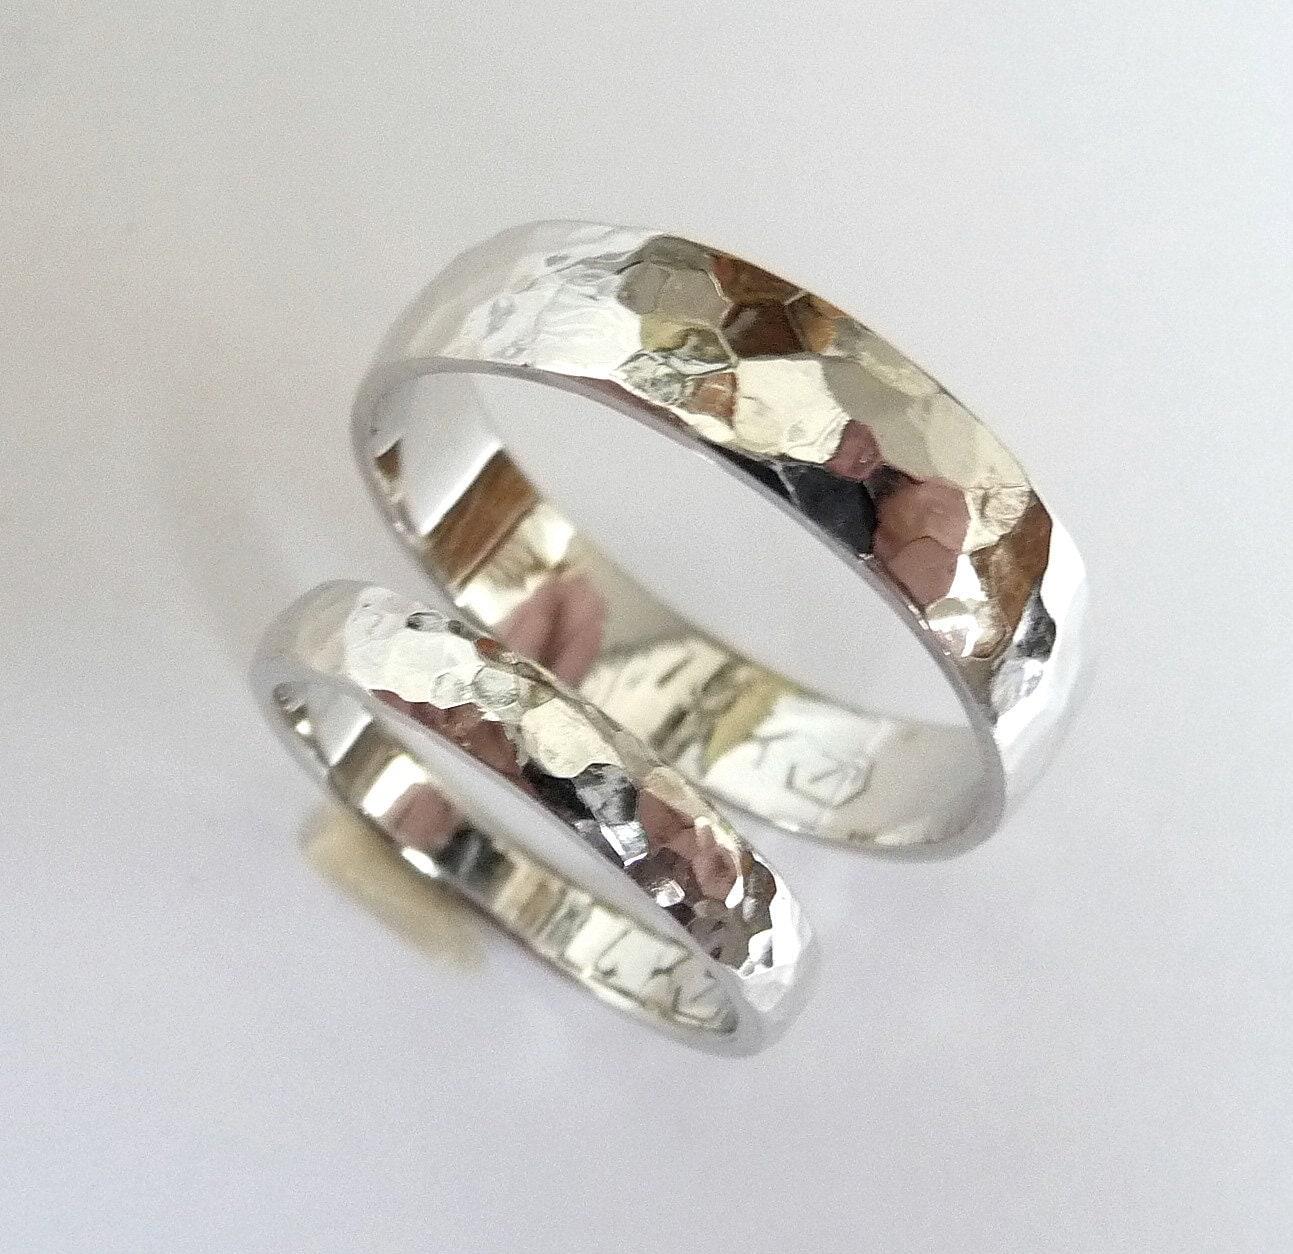 white gold wedding band set men women mens hammered wedding bands men women wedding ring hammered wedding band polished shiny zoom